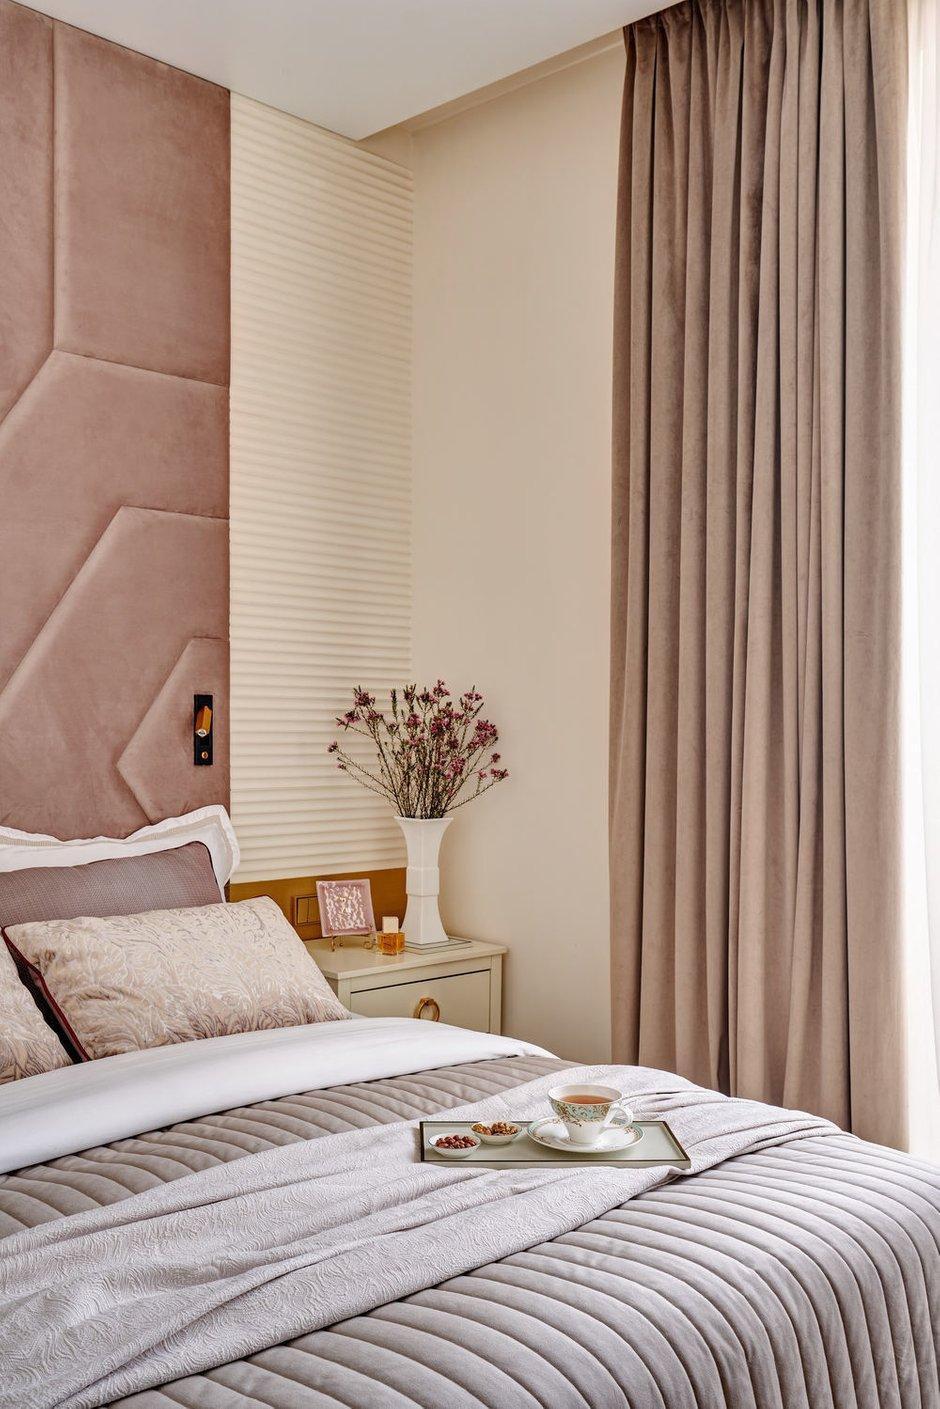 Фотография: Спальня в стиле Классический, Современный, Квартира, Проект недели, Москва, 3 комнаты, 60-90 метров, Алена Чмелева – фото на INMYROOM